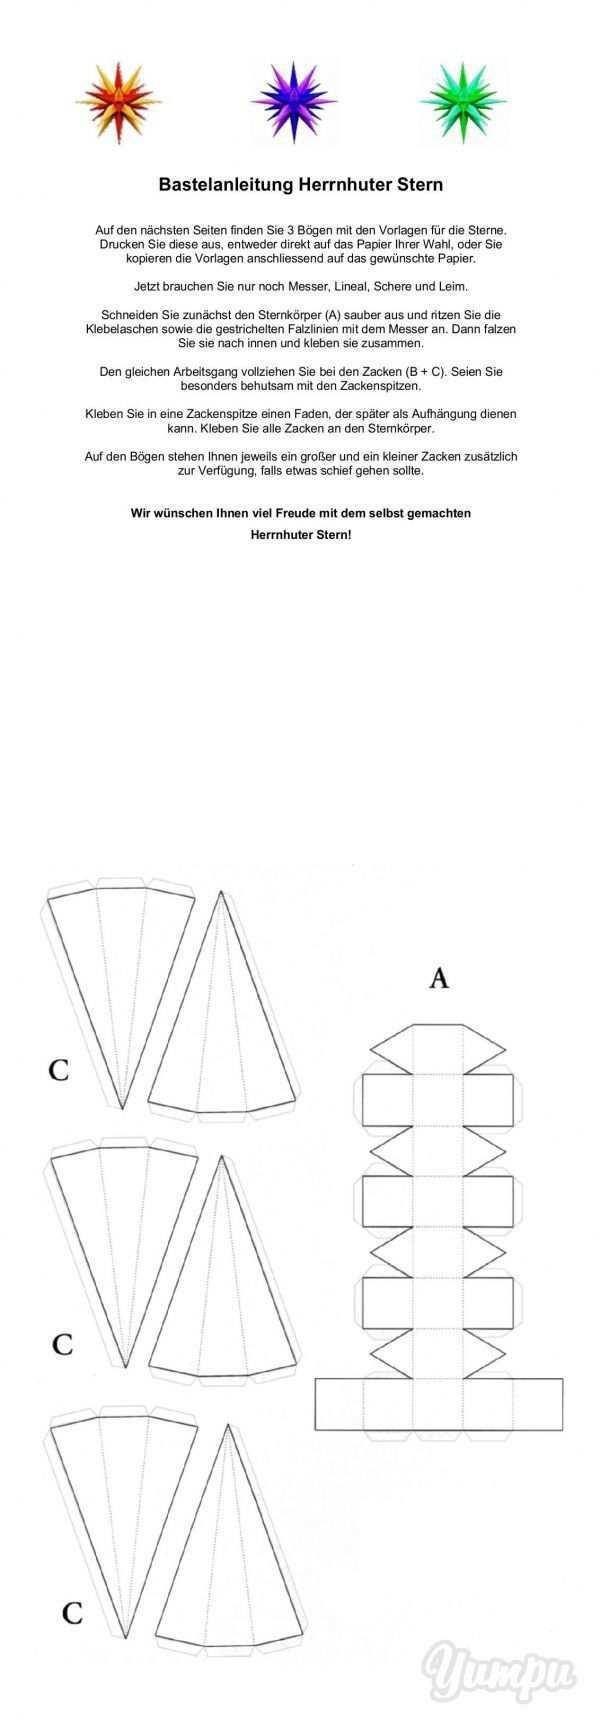 Crafting Instructions Herrnhuter Stern Zuerich Reformier Magazine With 4 Pages Bastelanleitungen Herrnhuter Stern Basteln Basteln Anleitung